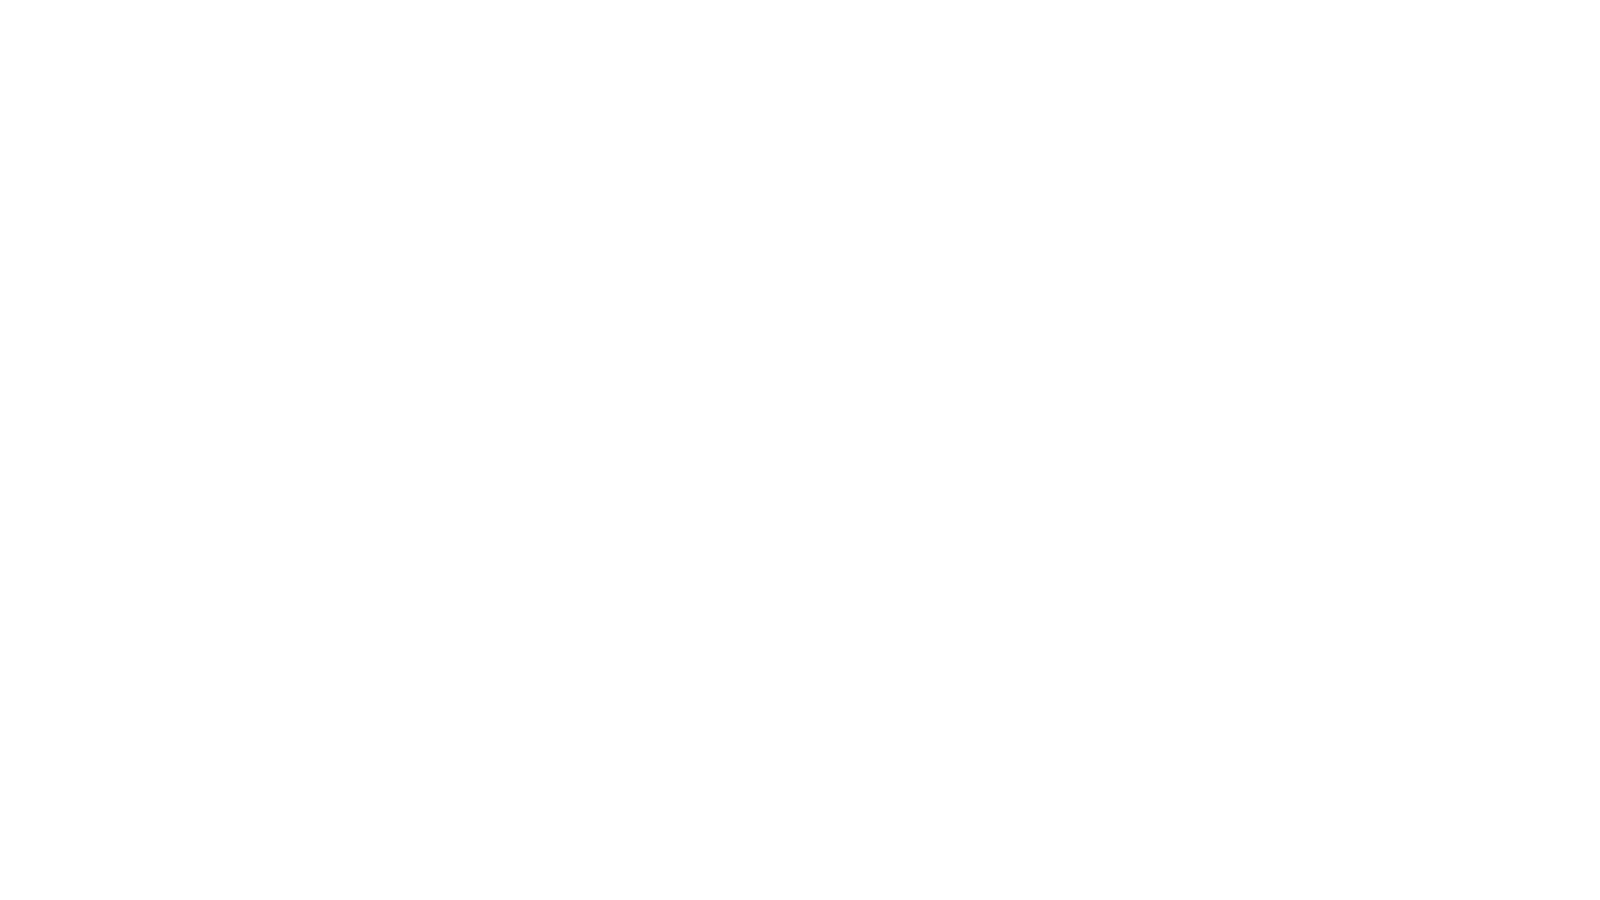 Fitur ini terlihat di speedometer Toyota Raize saat mobil berjalan mundur dimana perneleng masuk di gigi atau transmisi mundur. menunjukkan Posisi ban lurus atau miring..  Semoga video ini bermanfaat  untuk pembelian mobil baru Toyota di Solo 081229745678  #TOYOTA #RAIZE #FITURCANGGIHRAIZE #NASMOCO #NASMOCOWORLD #TOYOTASOLO #FITURTOYOTA #SPESIFIKASITOYOTA